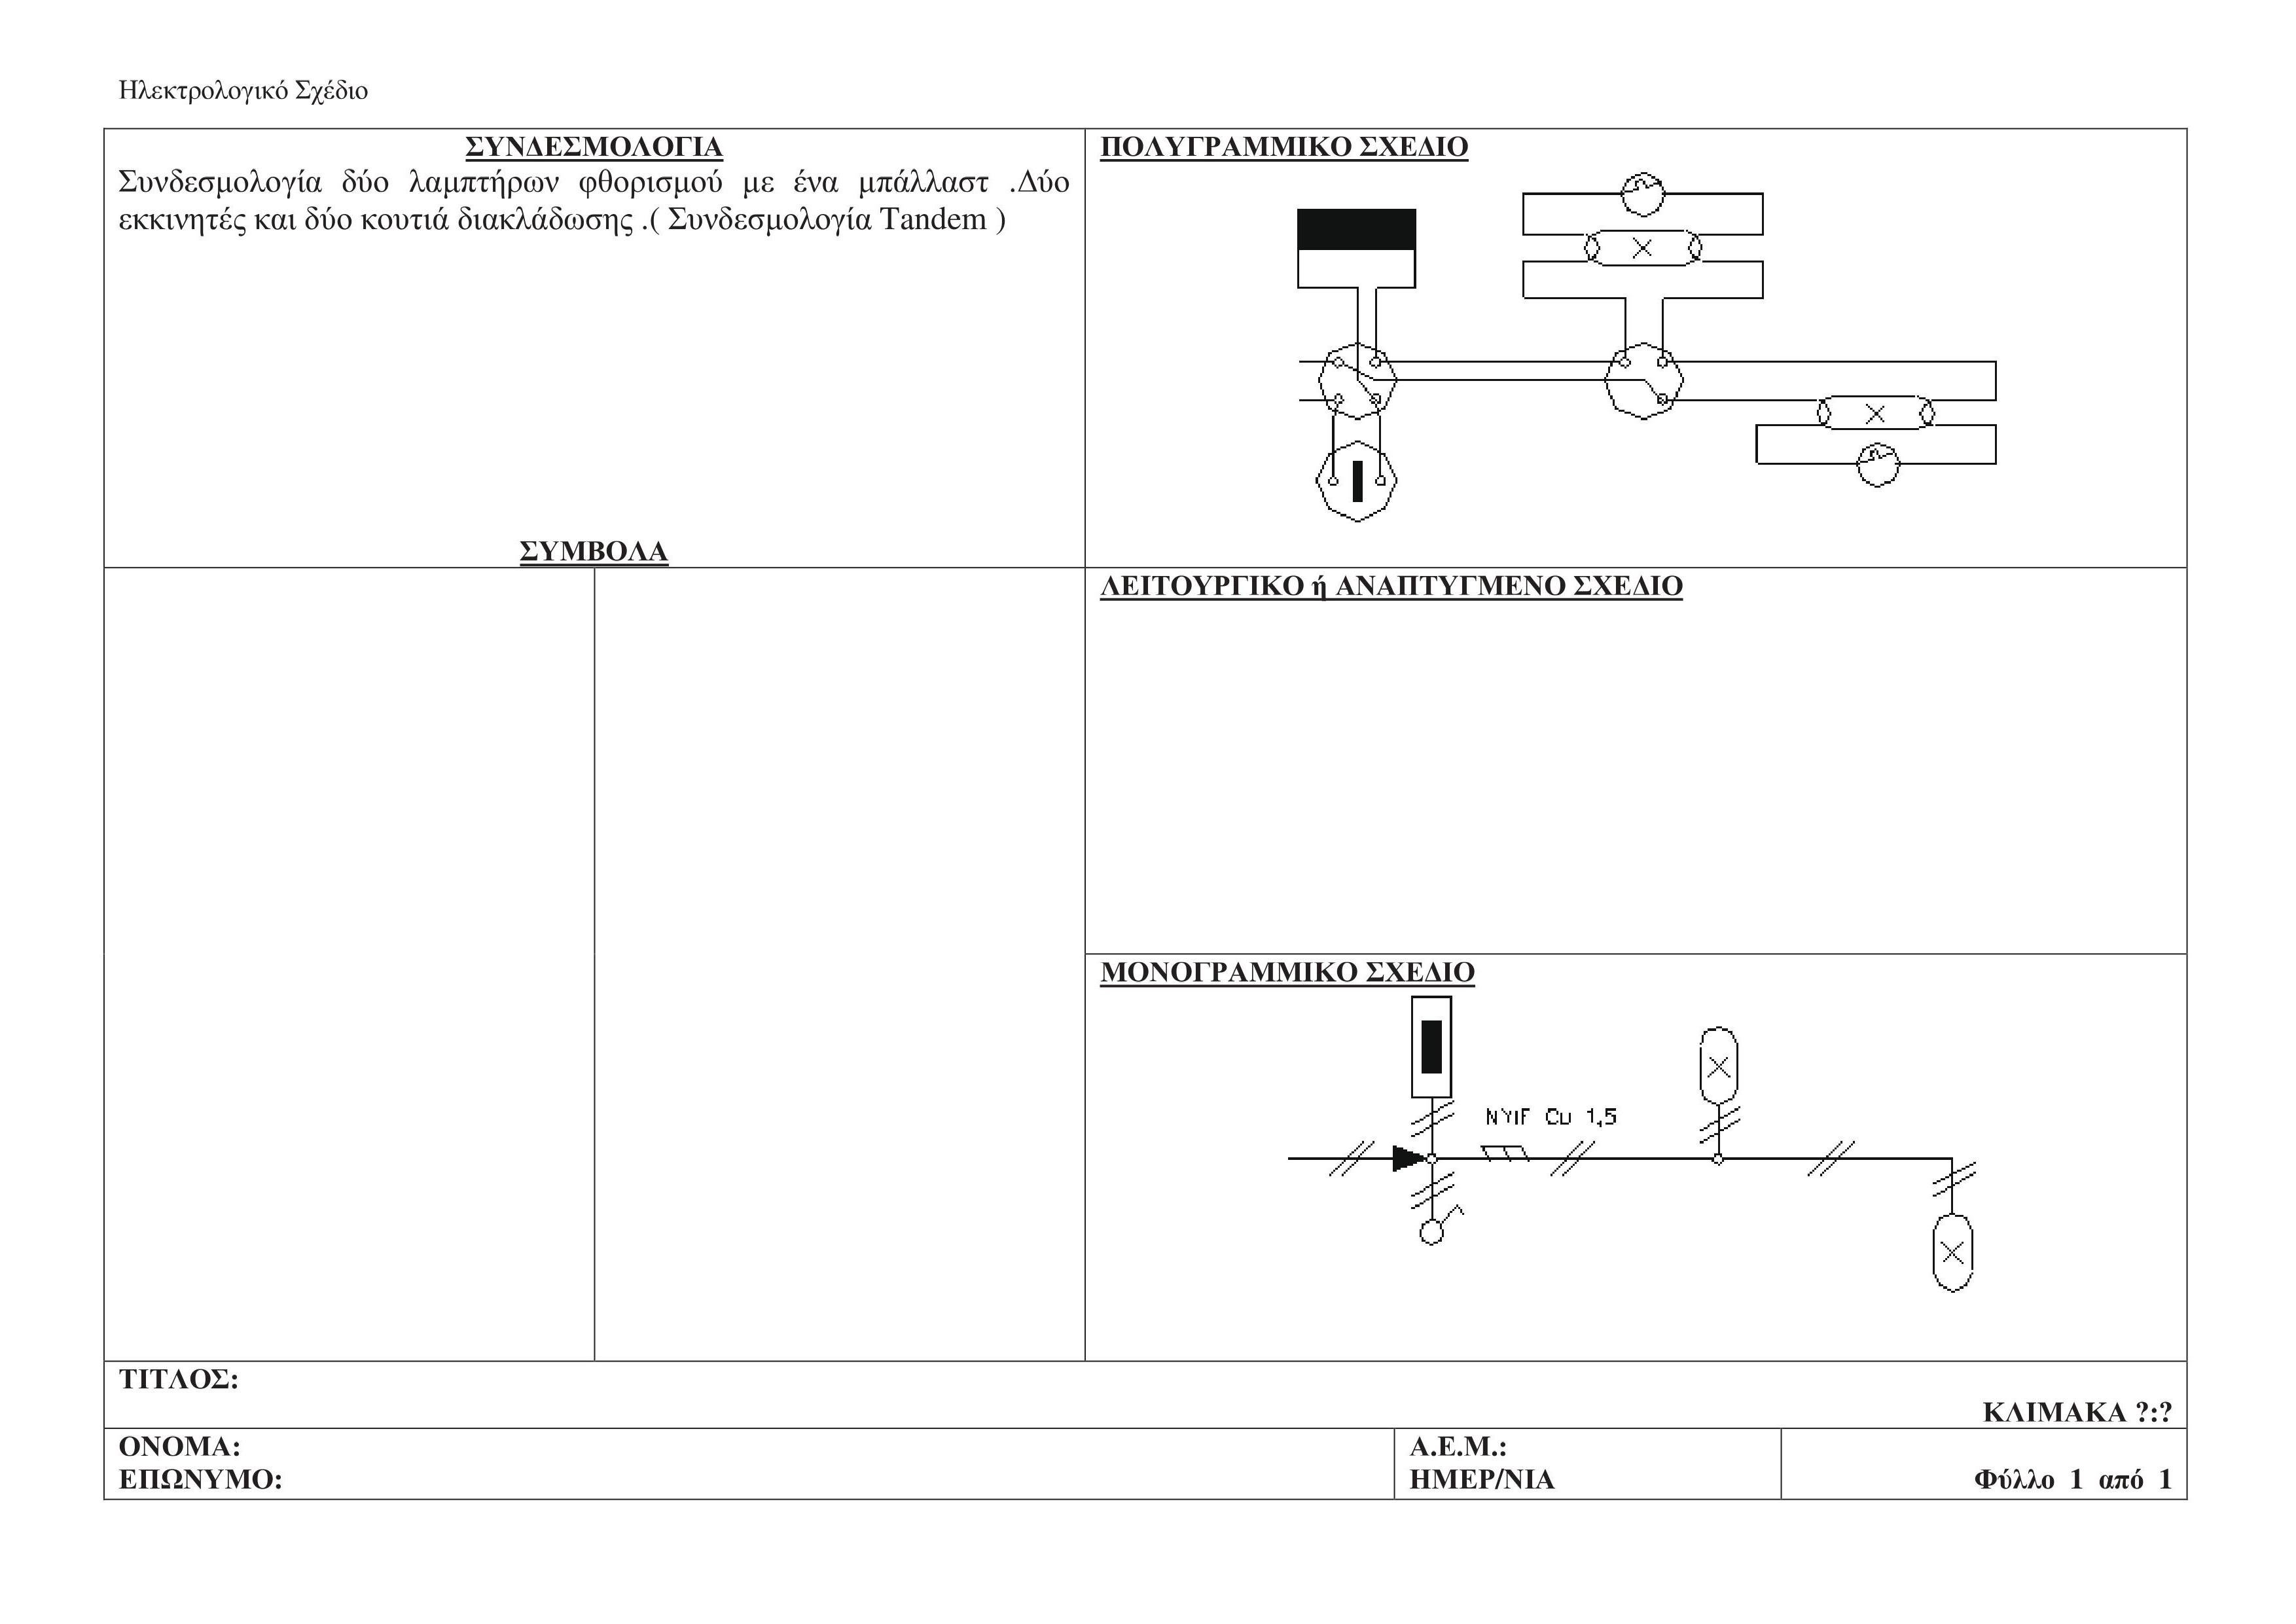 Ηλεκτρολογικό Σχέδιο 13